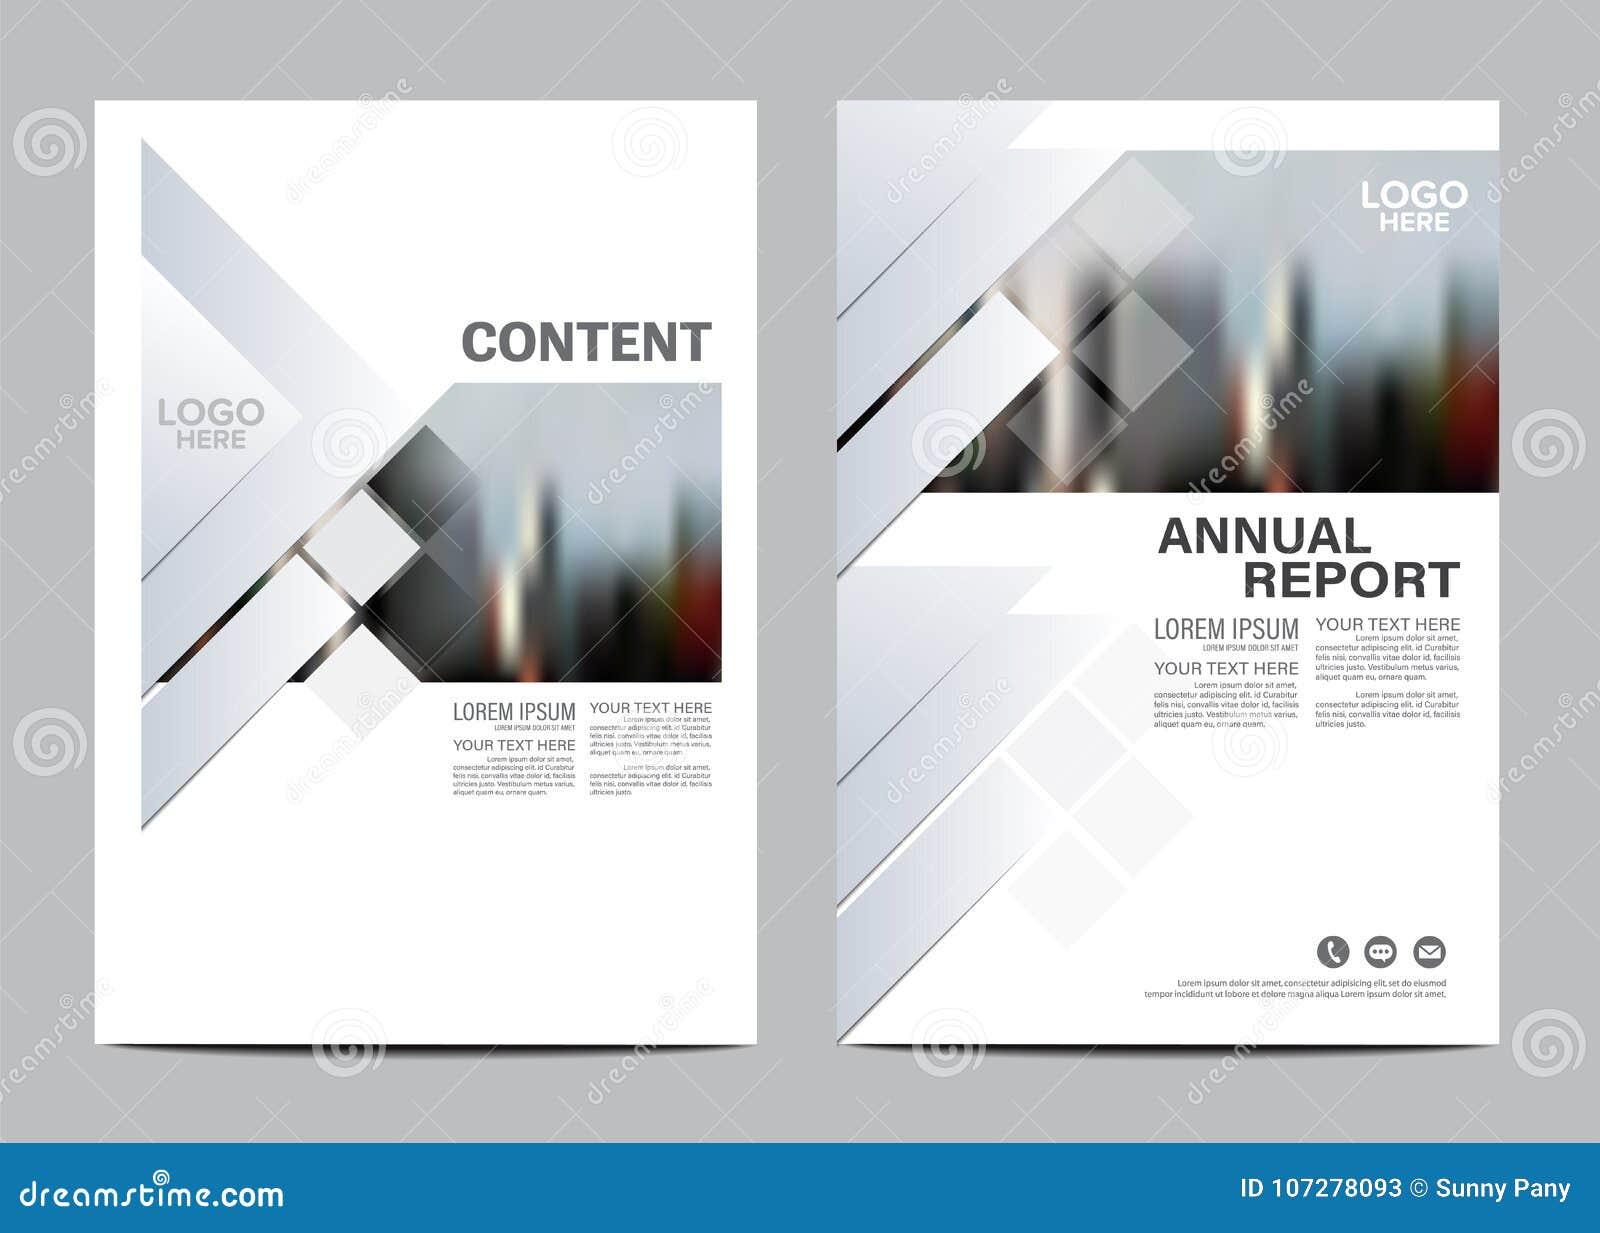 Γραπτό πρότυπο σχεδίου σχεδιαγράμματος φυλλάδιων Σύγχρονο υπόβαθρο παρουσίασης κάλυψης φυλλάδιων ιπτάμενων ετήσια εκθέσεων